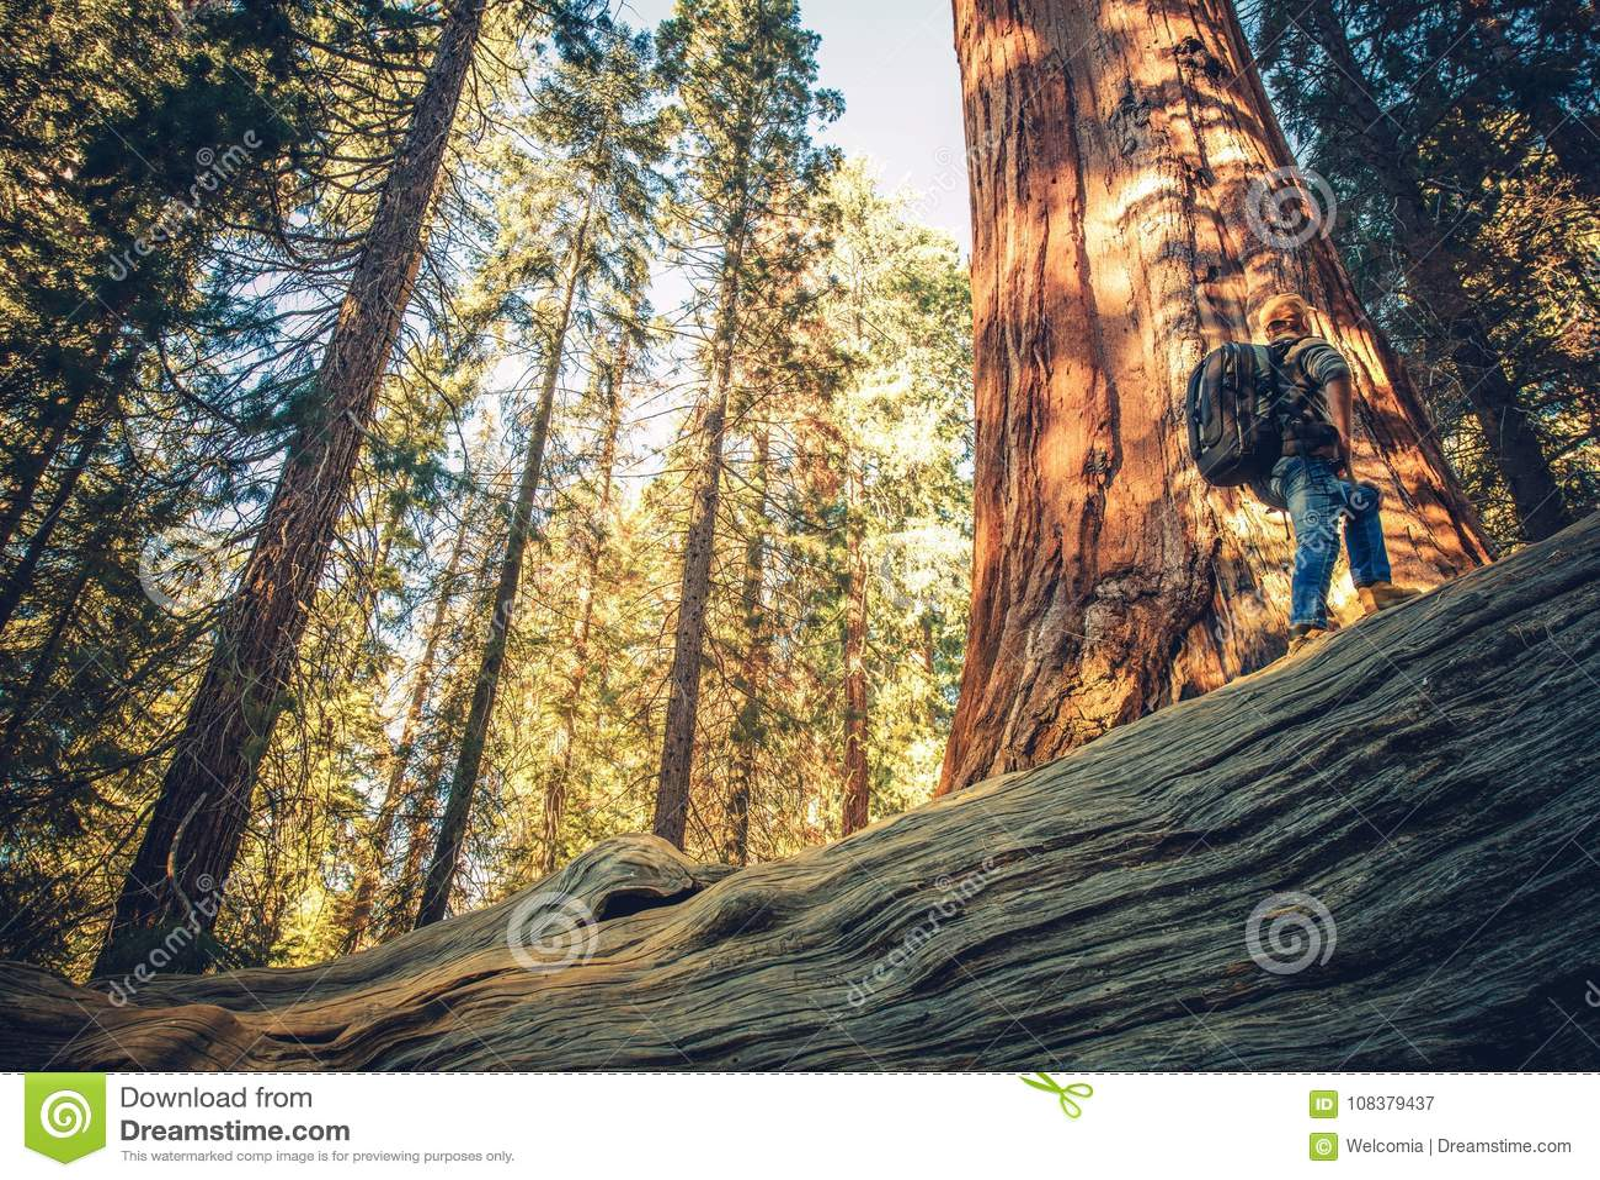 Sequoia Forest Exploring